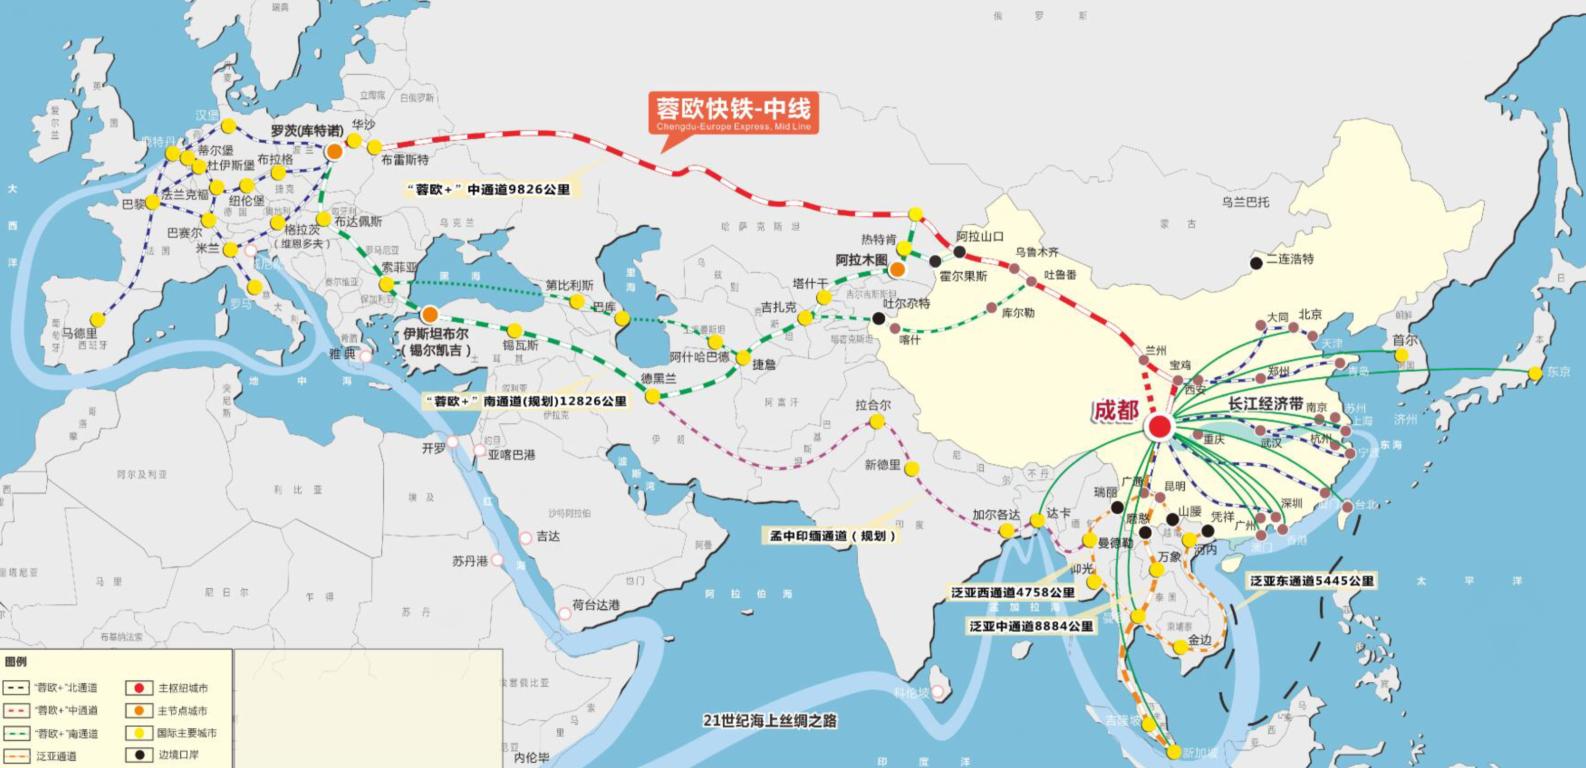 上海中欧班列-欧洲蓉欧快铁物流公司-成都雨城物流无限责任公司